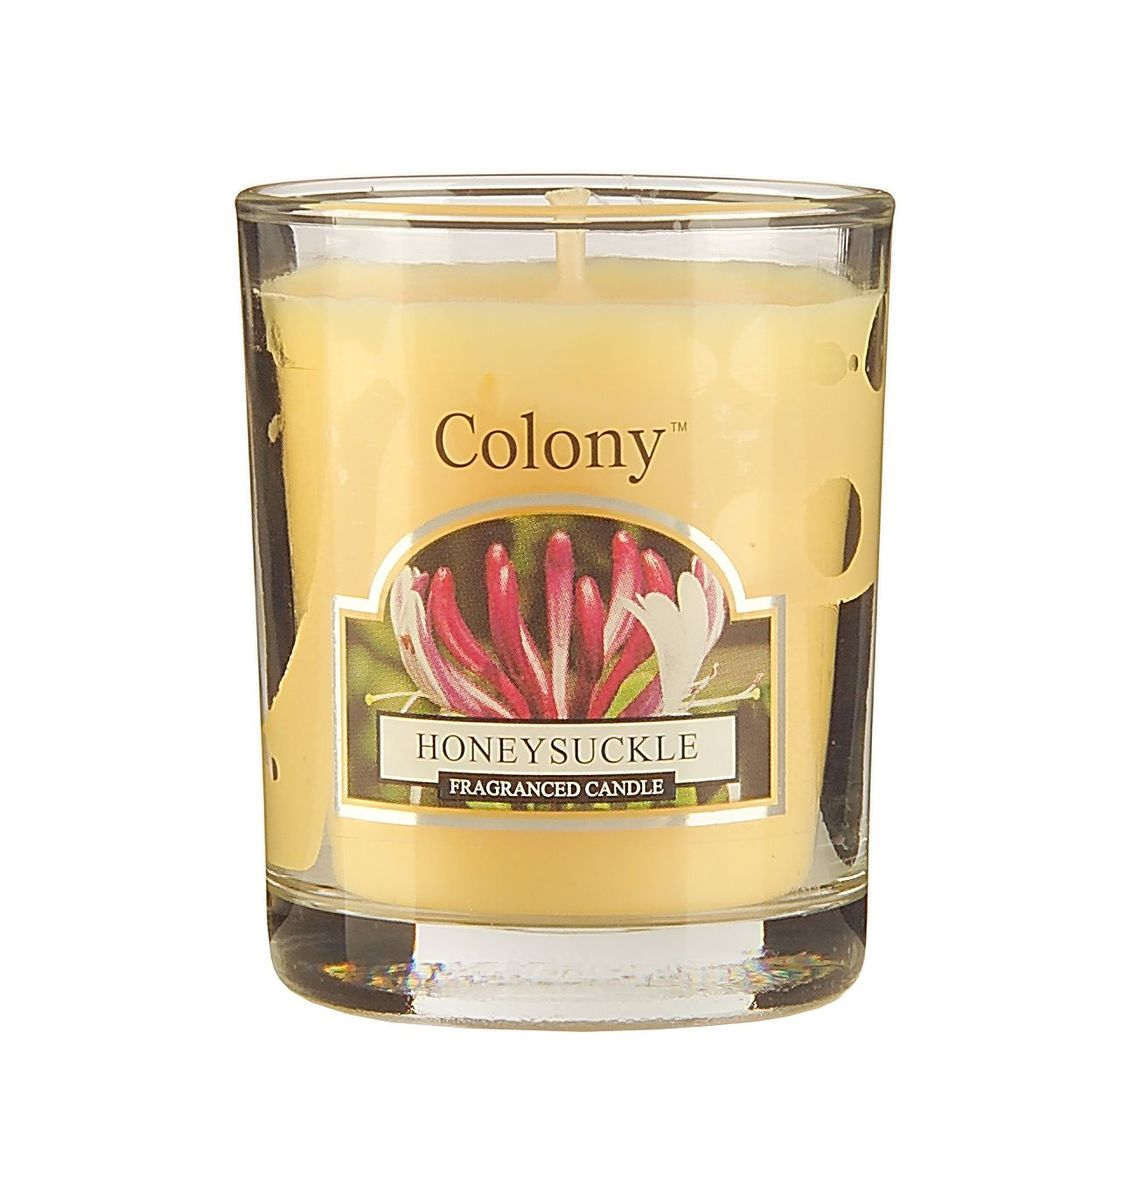 Свеча ароматическая лампадная Wax Lyrical Цветущая жимолость, 14 часов, 130 гCH3631Свеча ароматическая лампадная Wax Lyrical Цветущая жимолость имеет нежный успокаивающий аромат цветов жимолости, дополненный едва уловимым древесным оттенком.